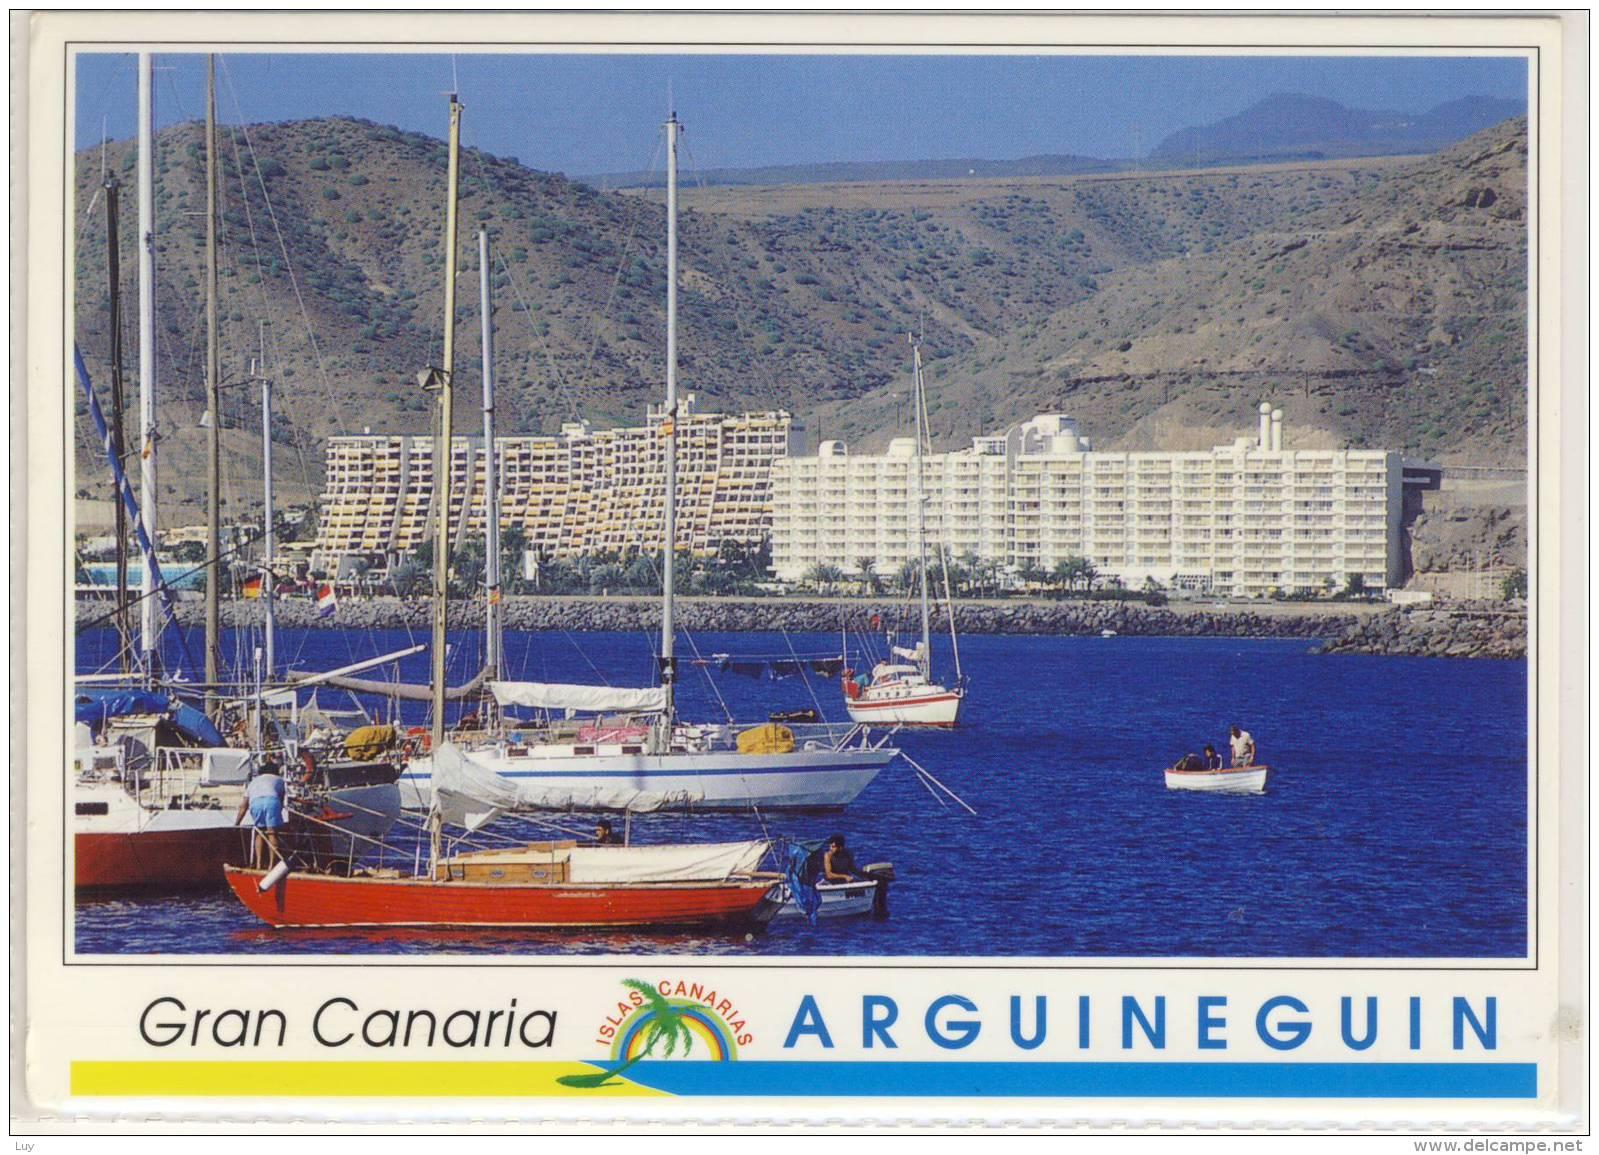 ARGUINEGUIN GRAN CANARIA PANORAMA NICE STAMP BONITO SELLO - Gran Canaria